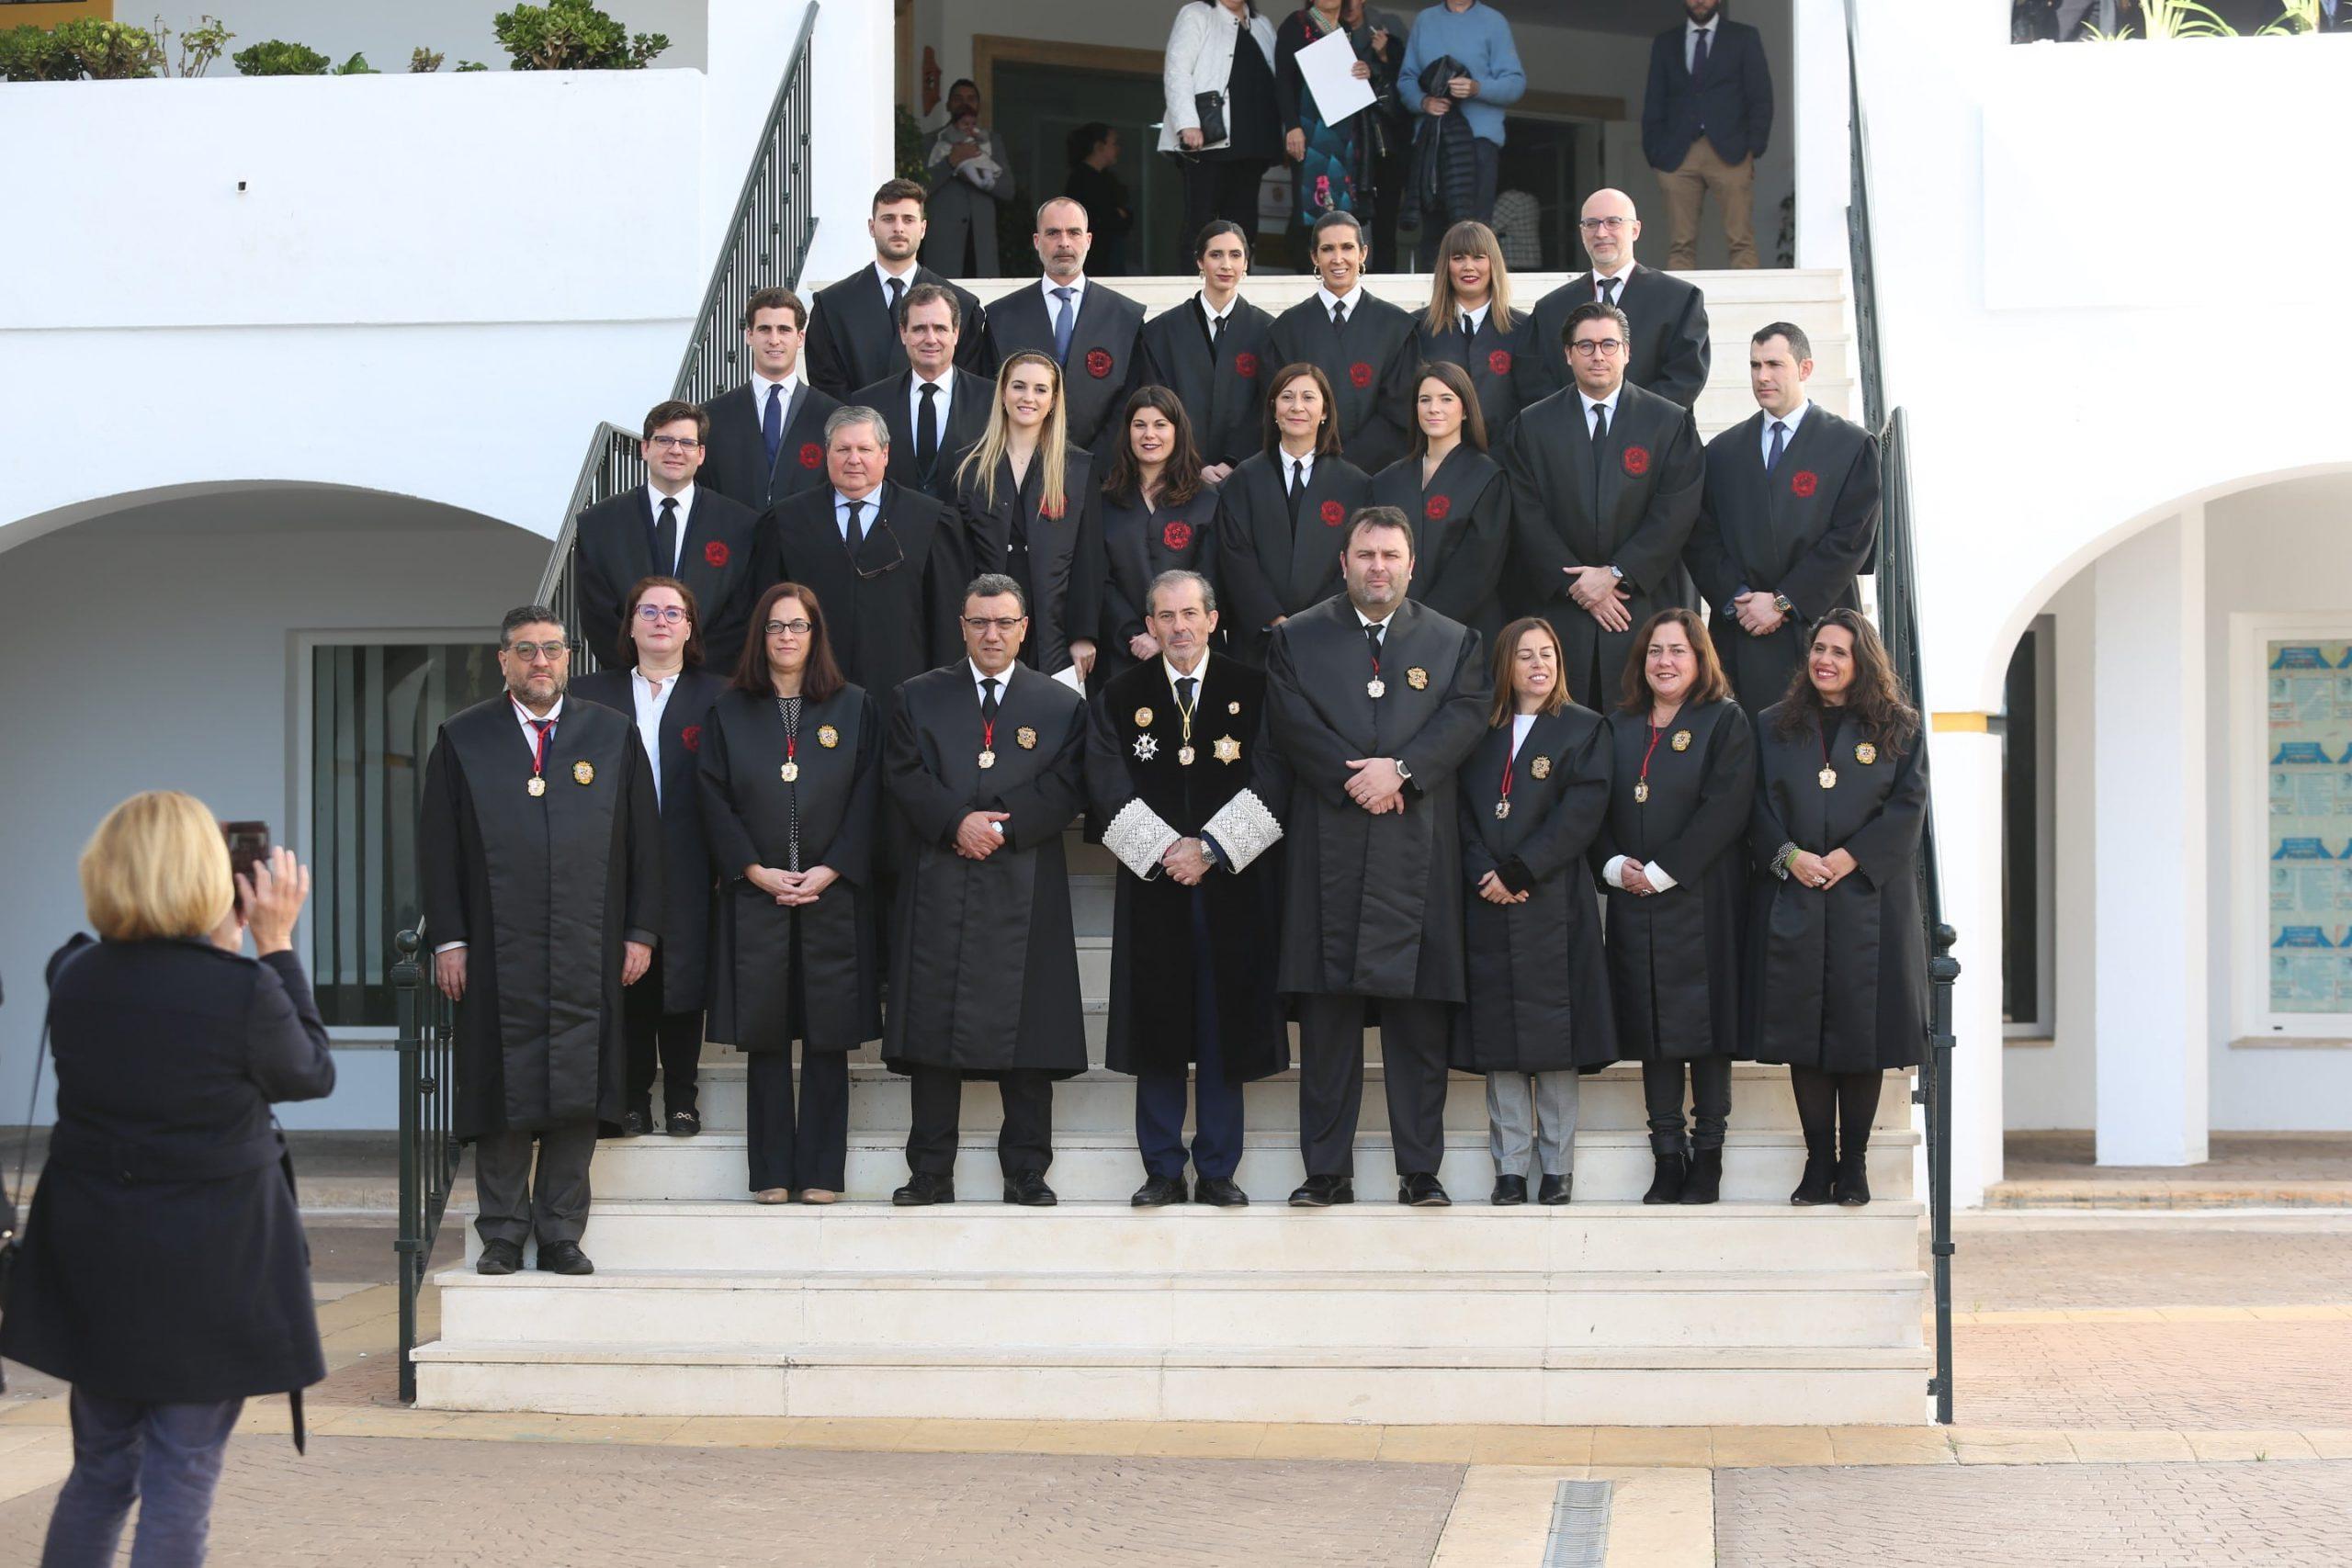 Ocho nuevos letrados juran en Marbella y se incorporan al Colegio de Abogados de Málaga